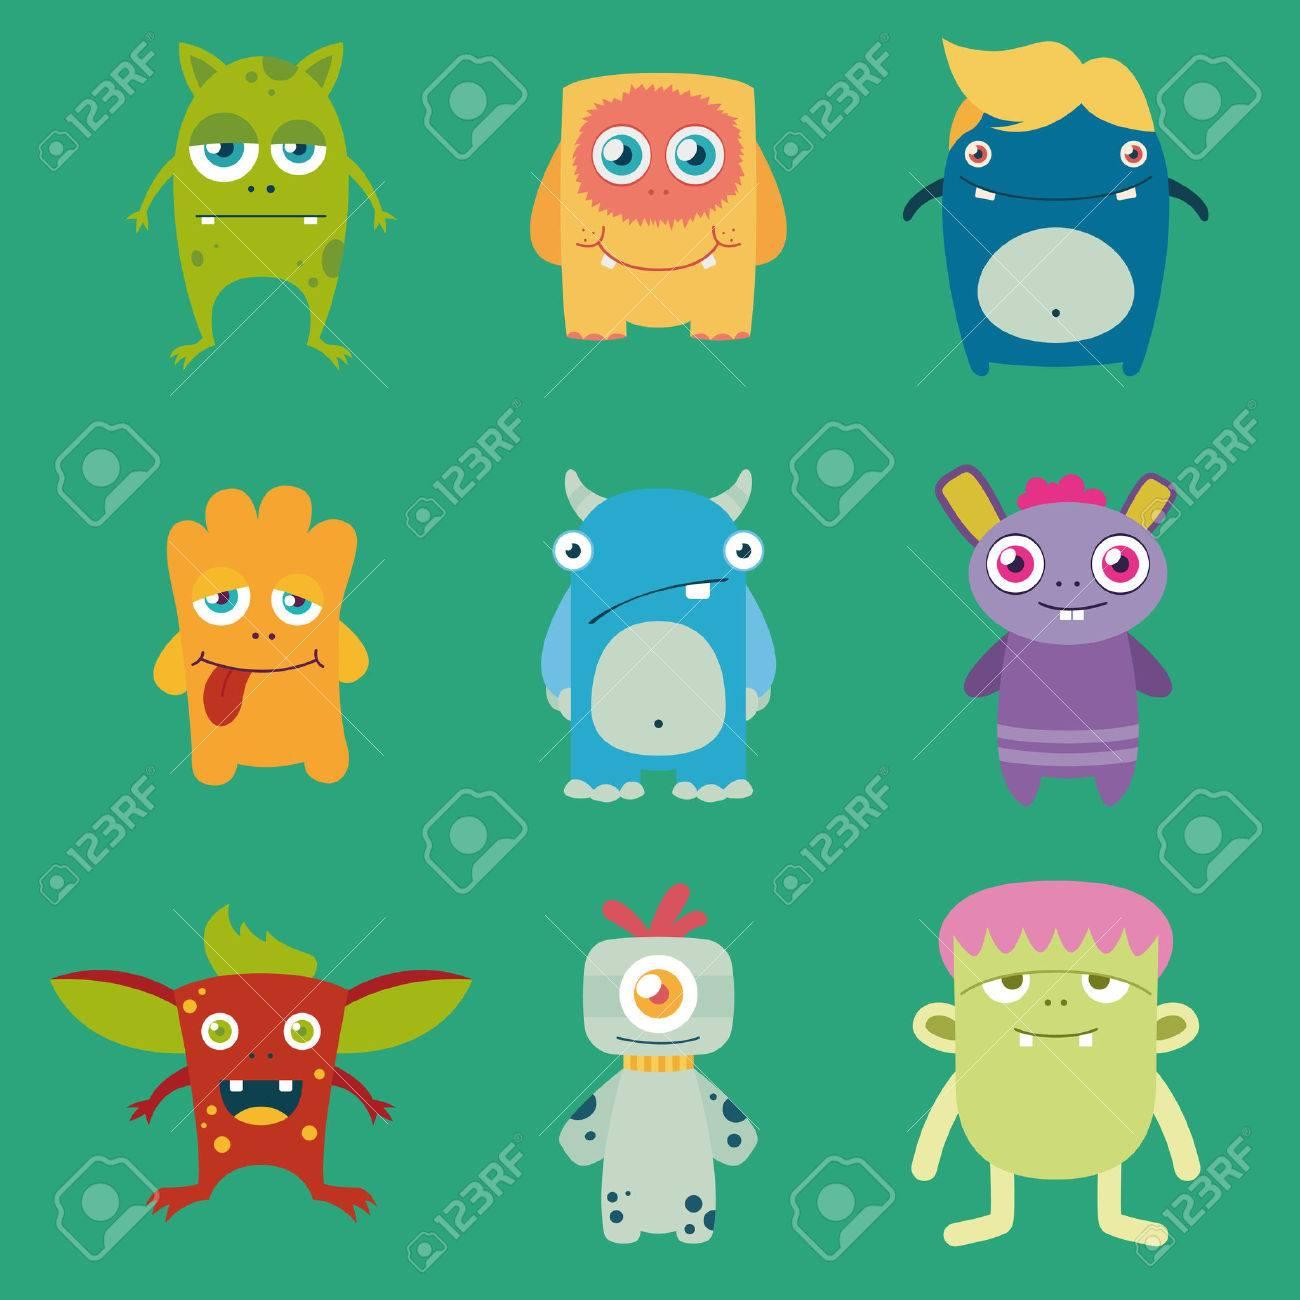 set of cute freaky monsters - 35567878